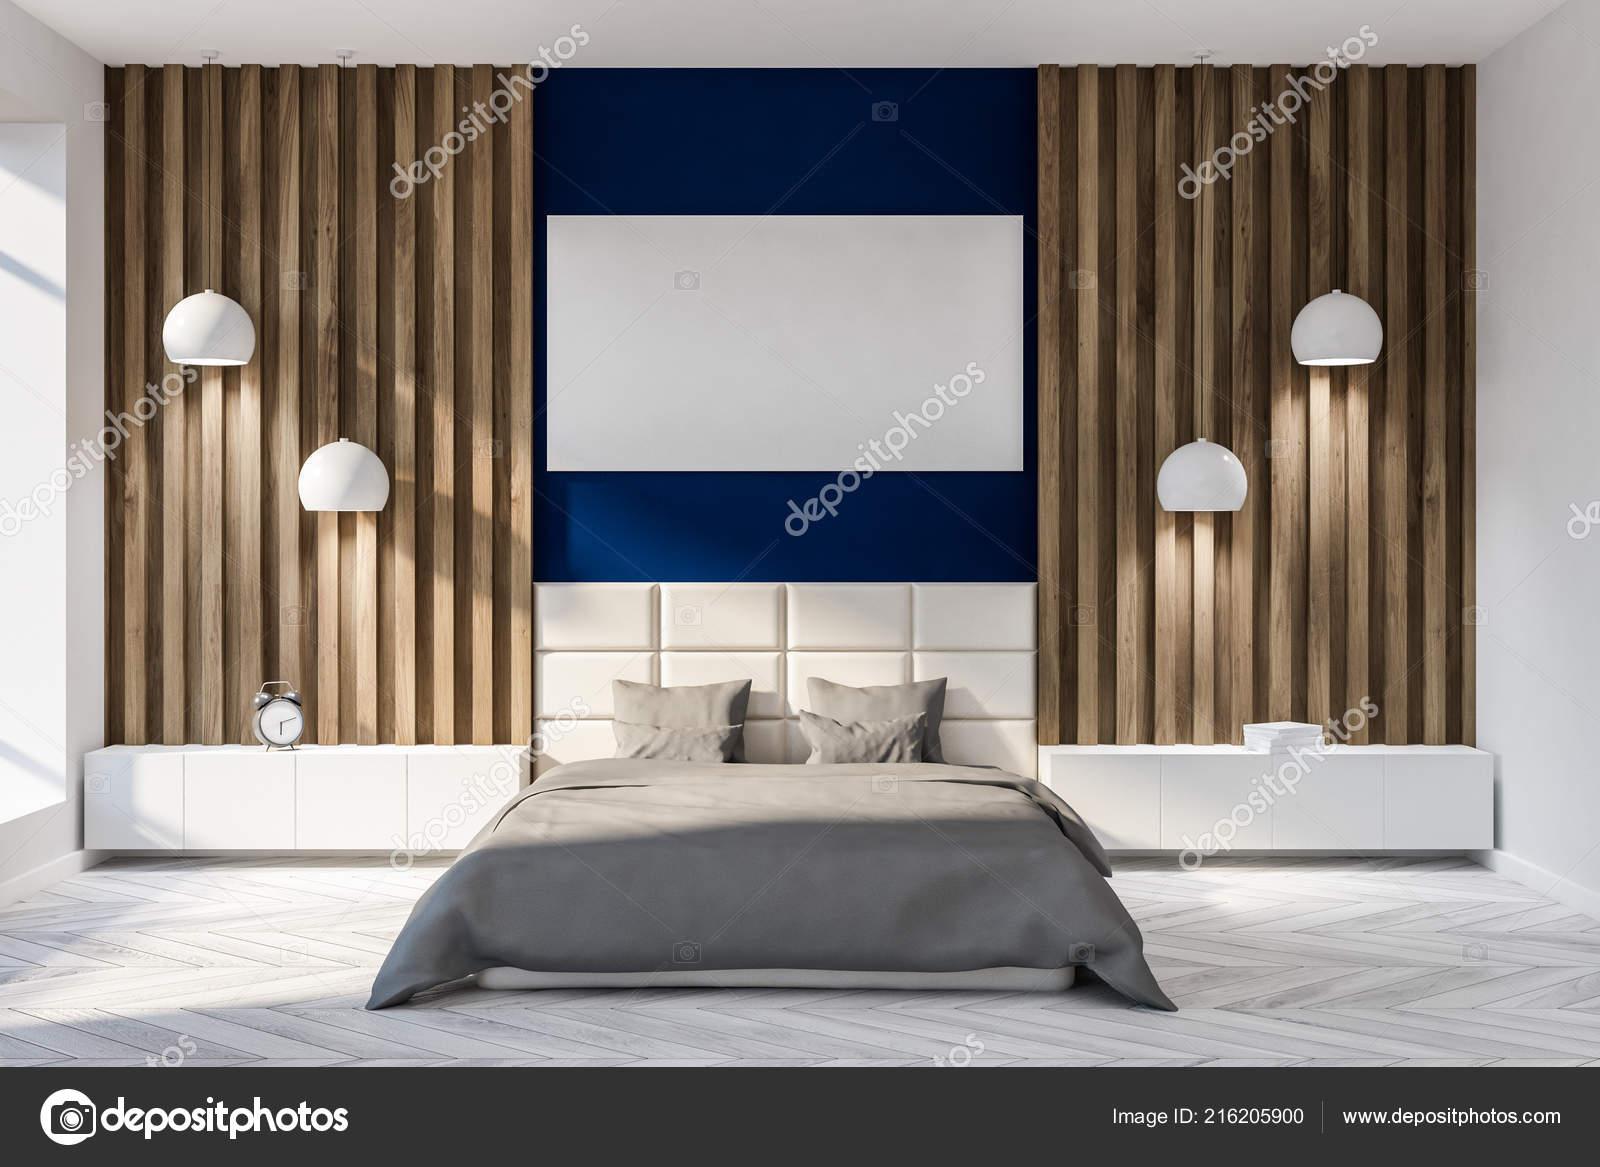 Moderne slaapkamer interieur met donker blauwe houten muren een